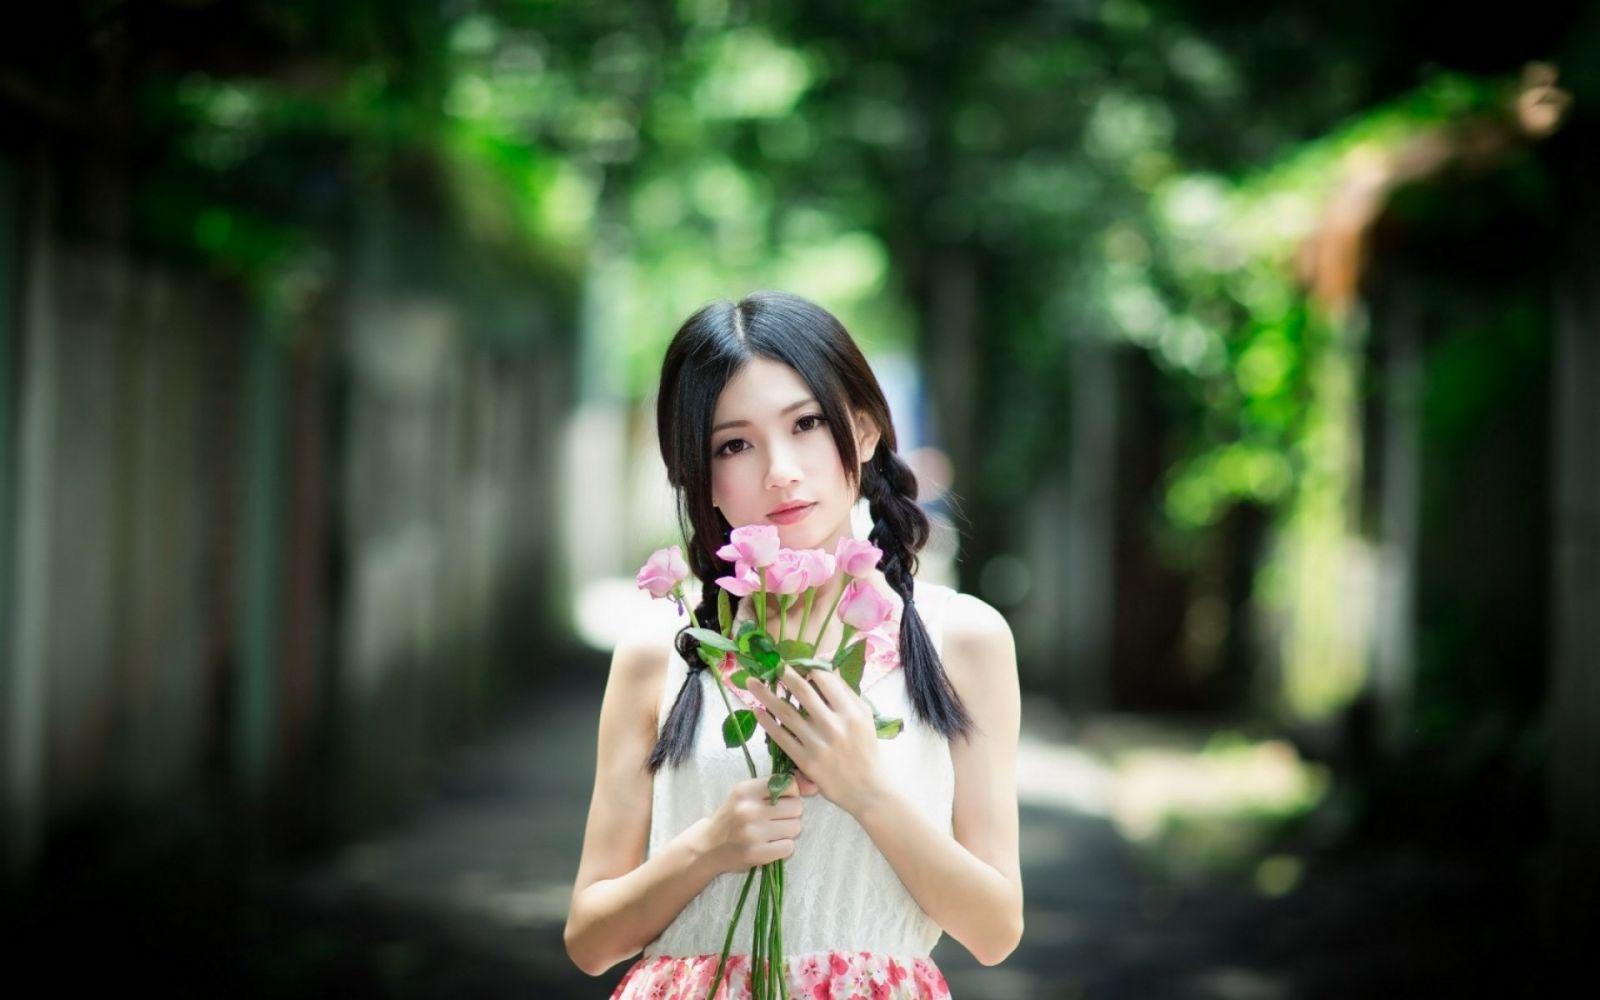 cutet-asian-girls